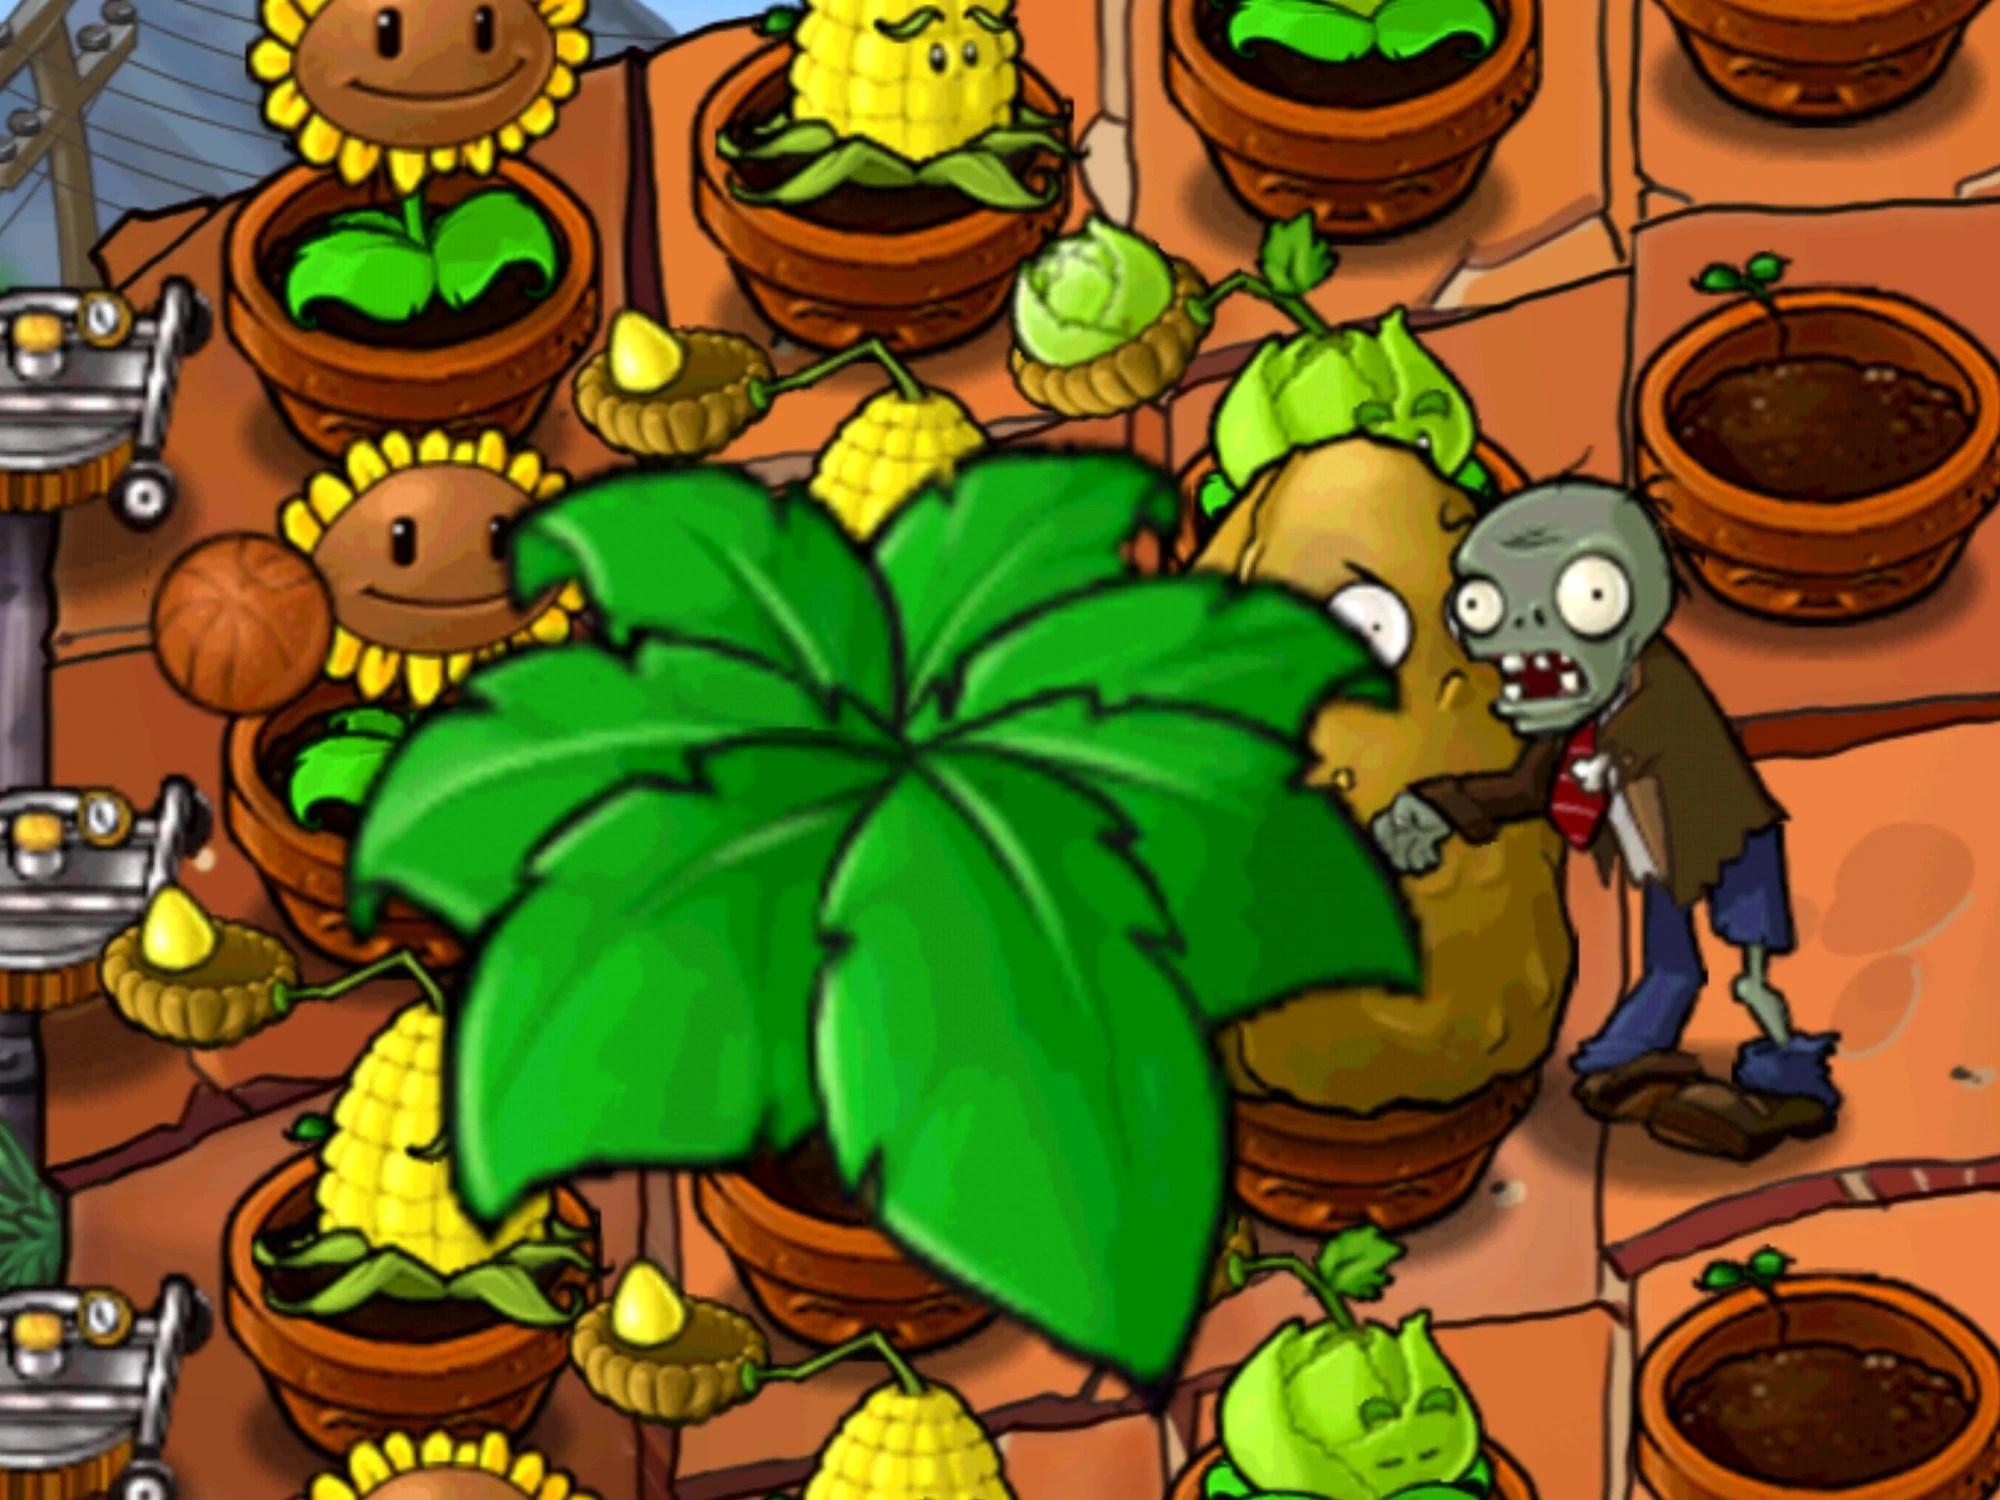 Vszombies Umbrella Leaf Plants